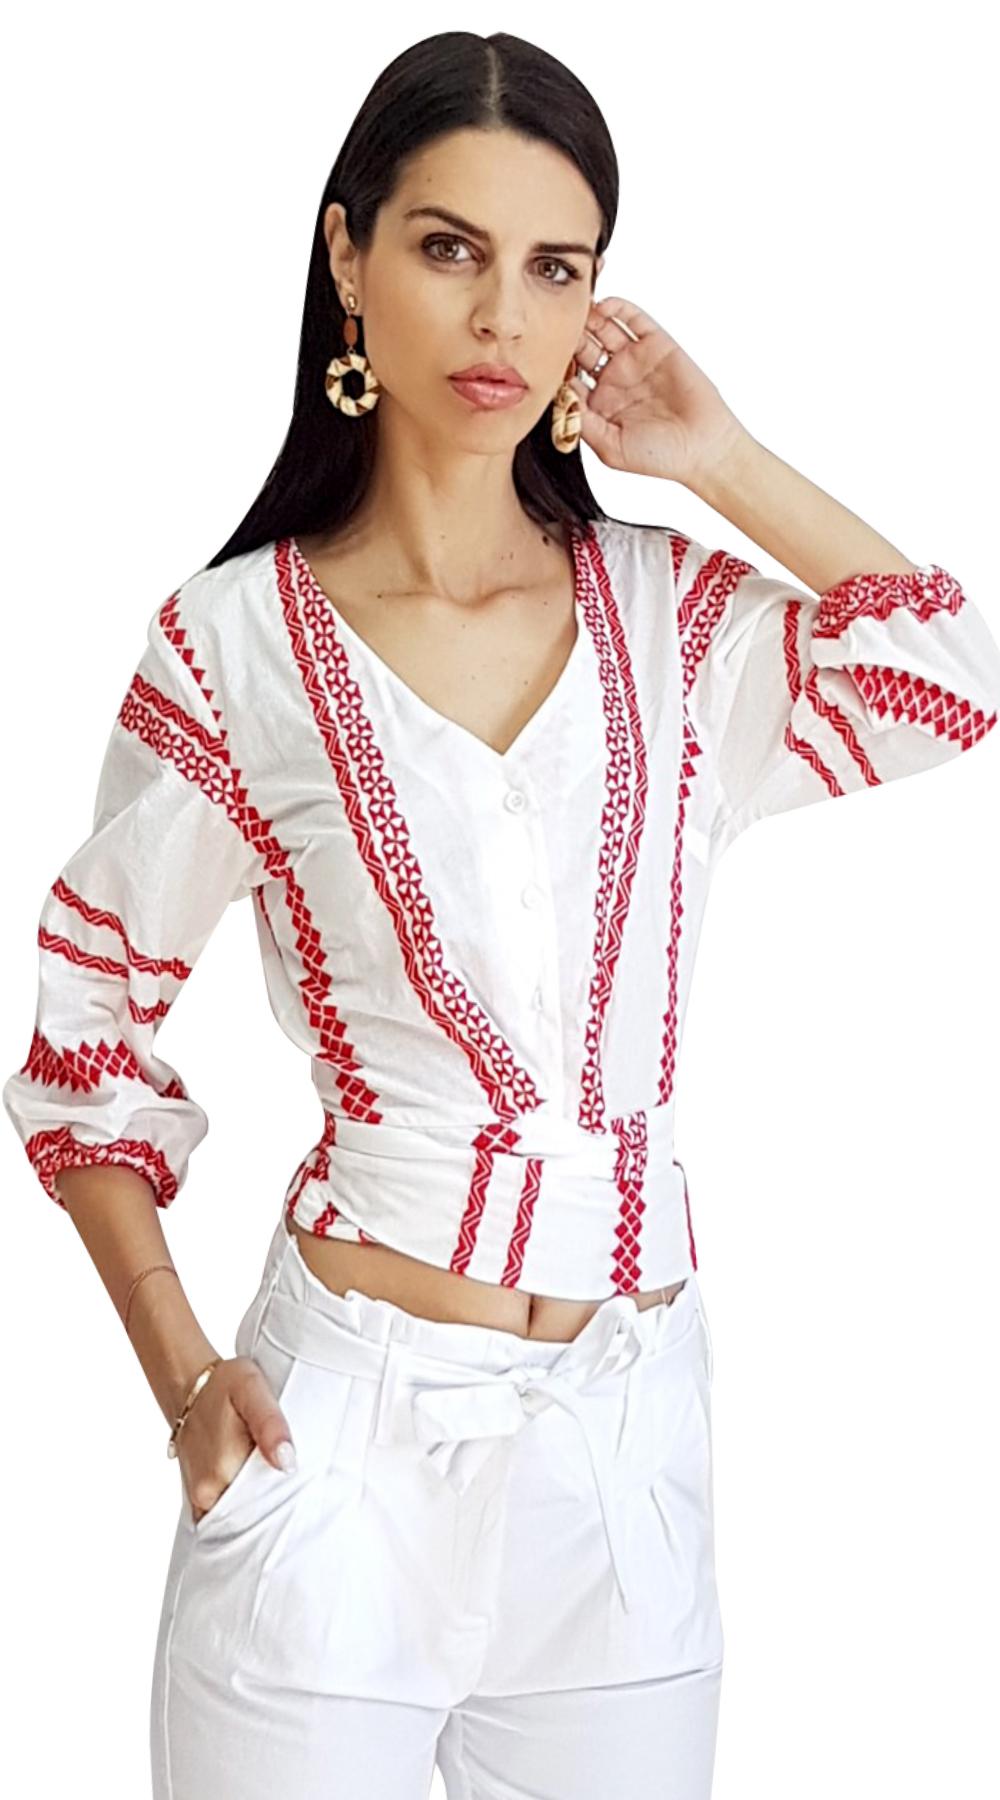 426cdde90723 Boho Μπλουζάκι με χρωματιστές λεπτομέρειες και δέσιμο στη πλάτη ONLINE